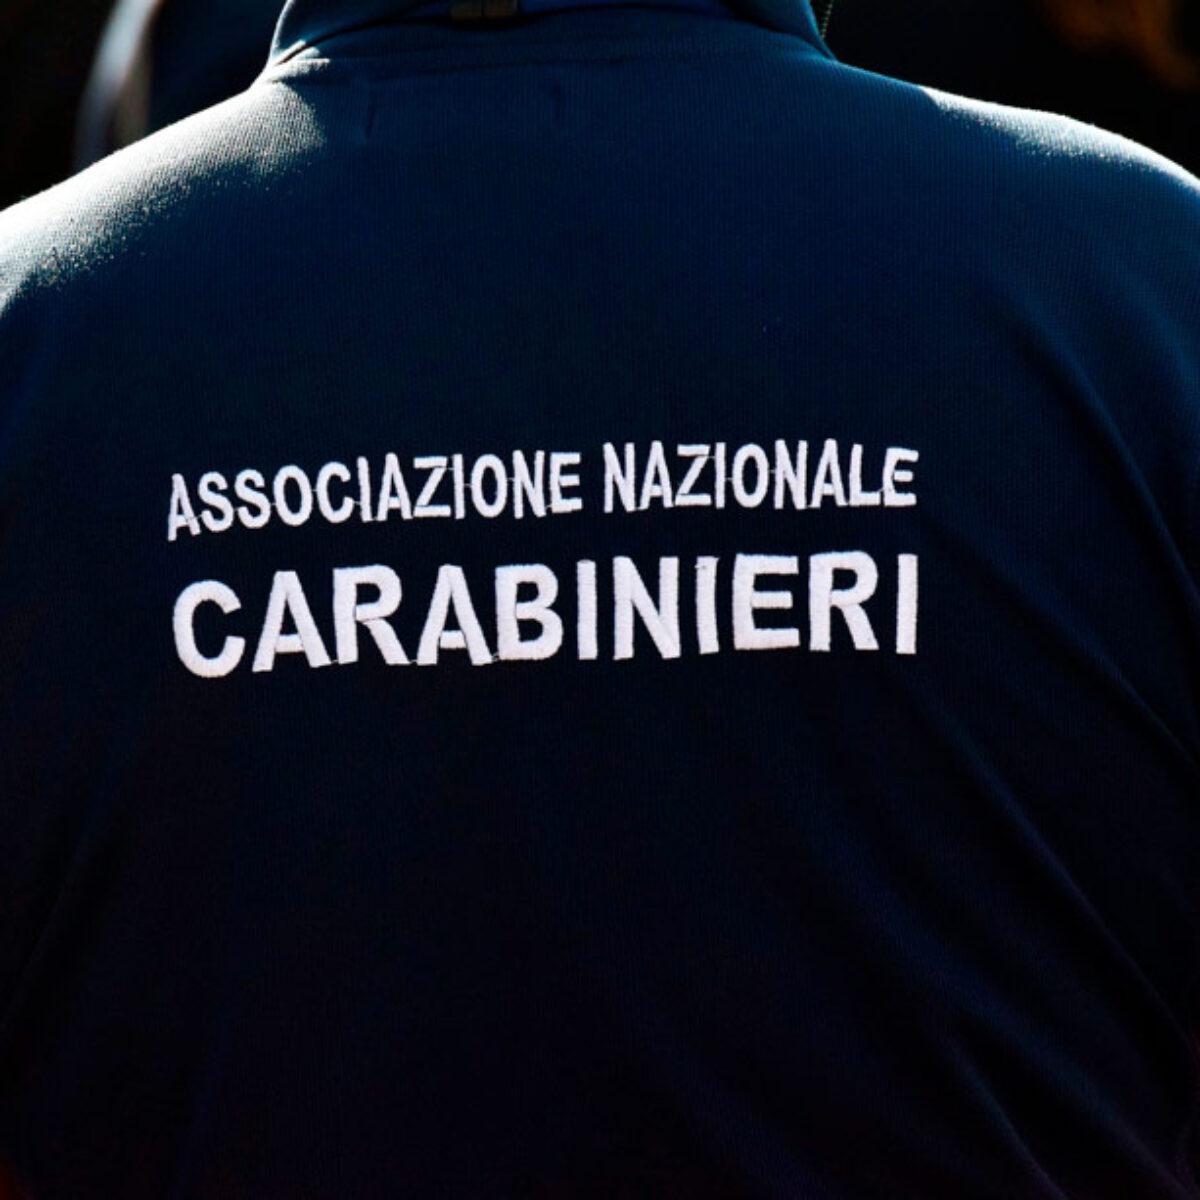 Misano. In fuga dai carabinieri si butta dal cavalcavia e si frattura: arrestato